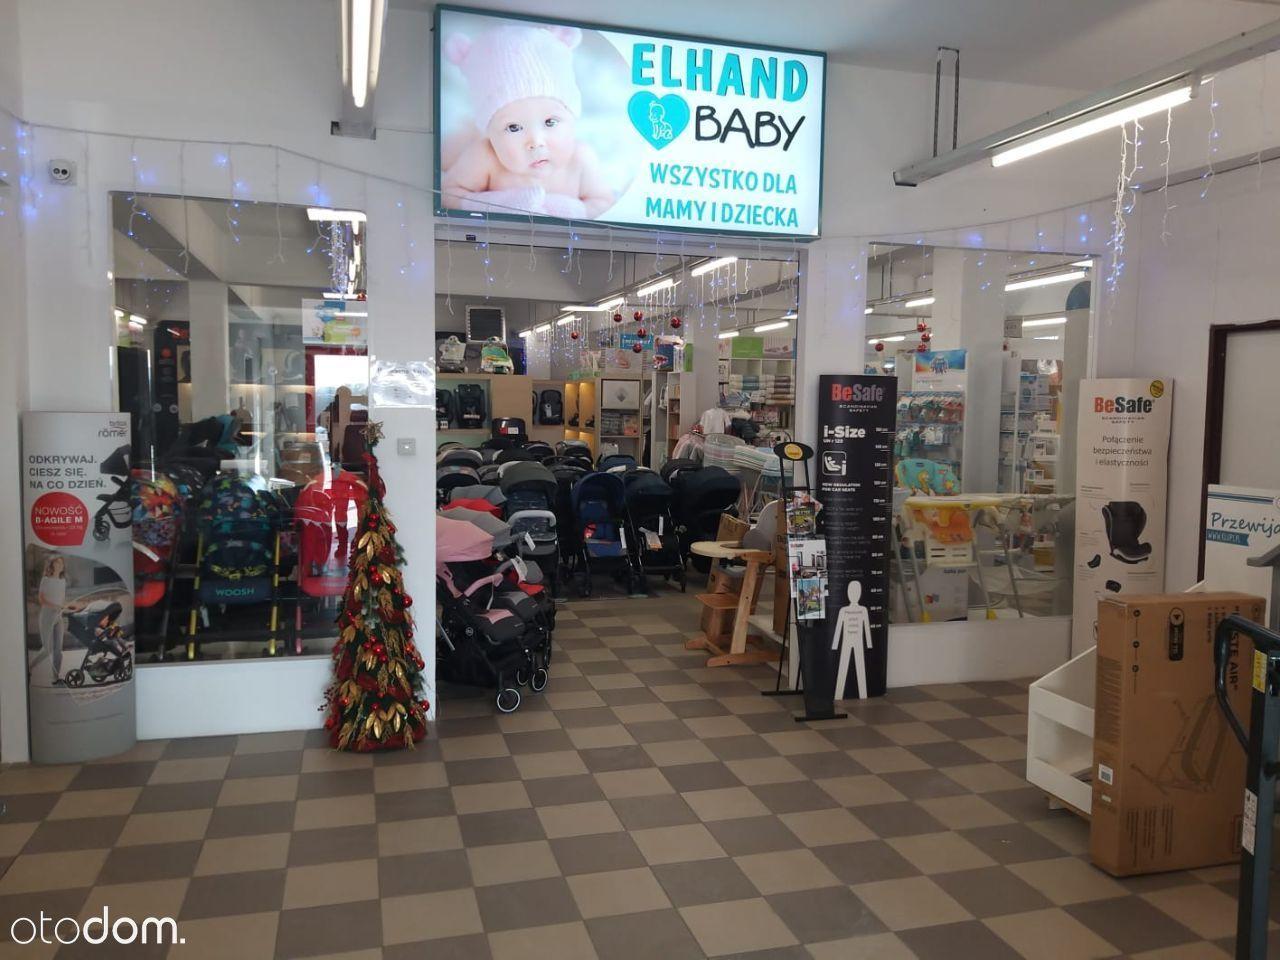 TARNOWSKIE GÓRY | Lokal usługowy w CH Elhand